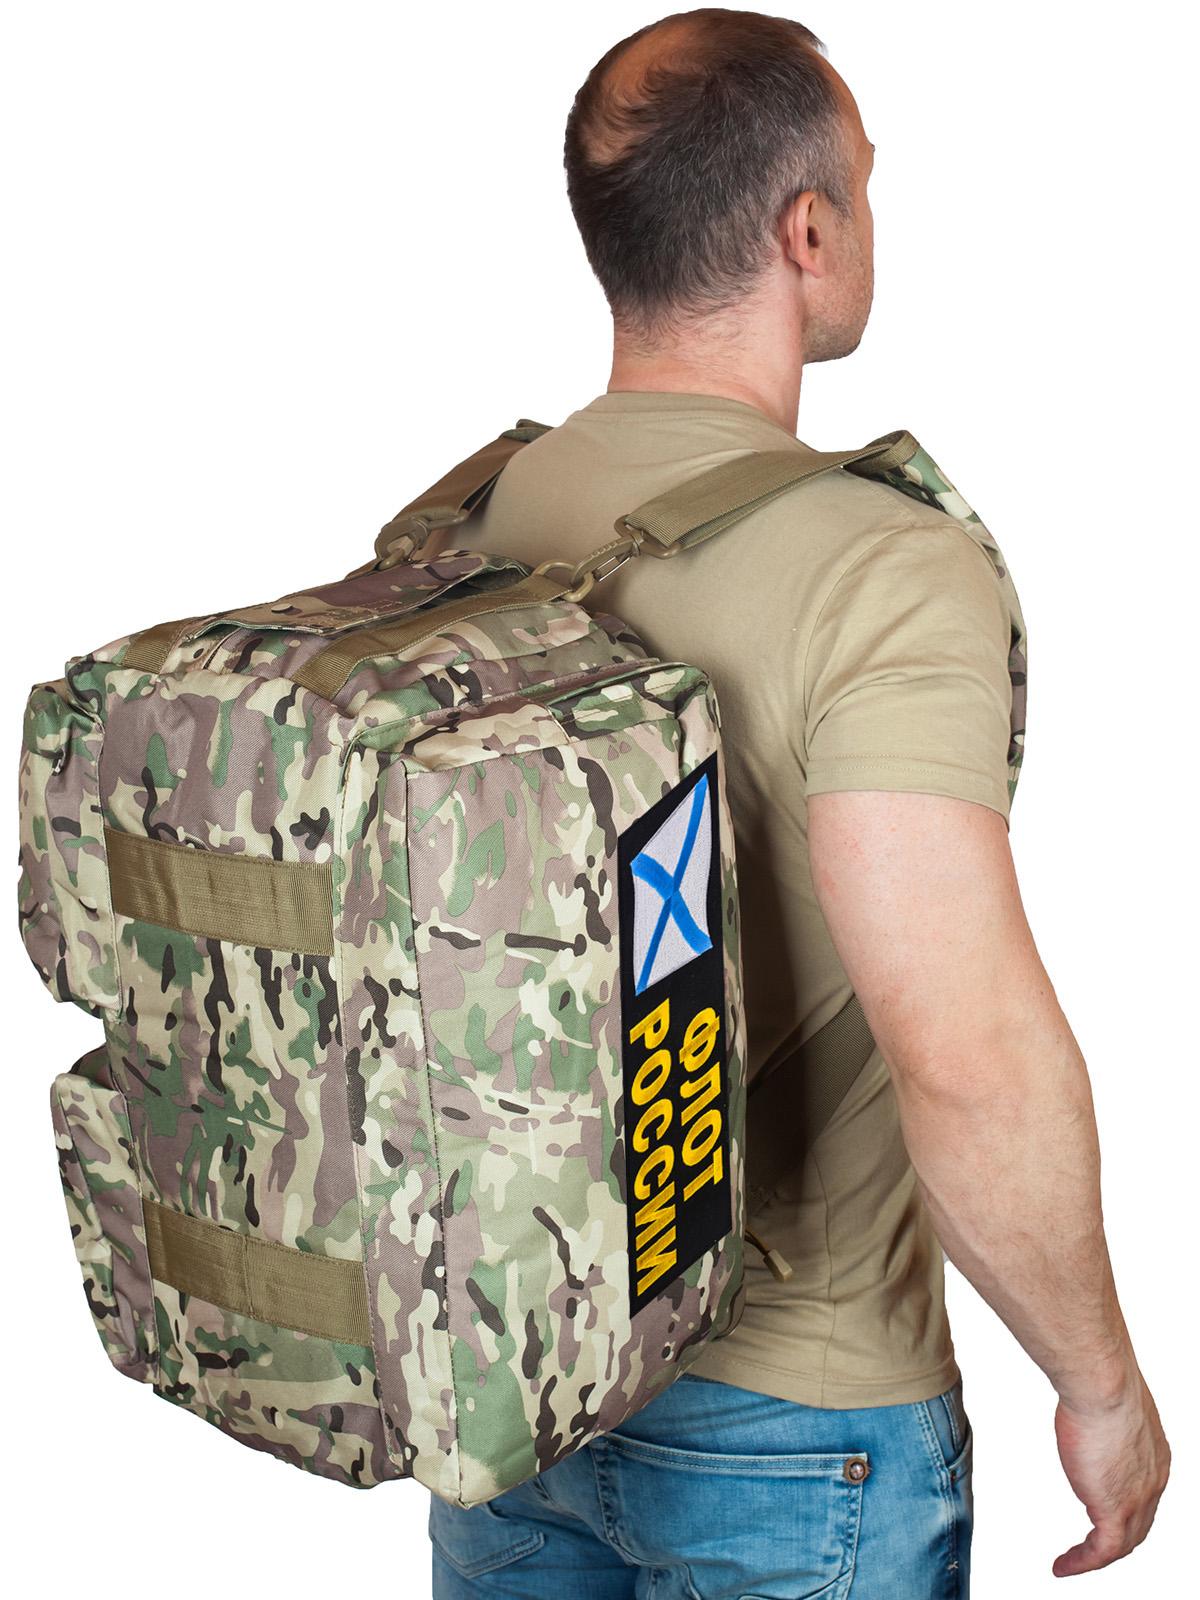 Купить тактическую сумку-рюкзак Флот России с доставкой в любой город России и не только